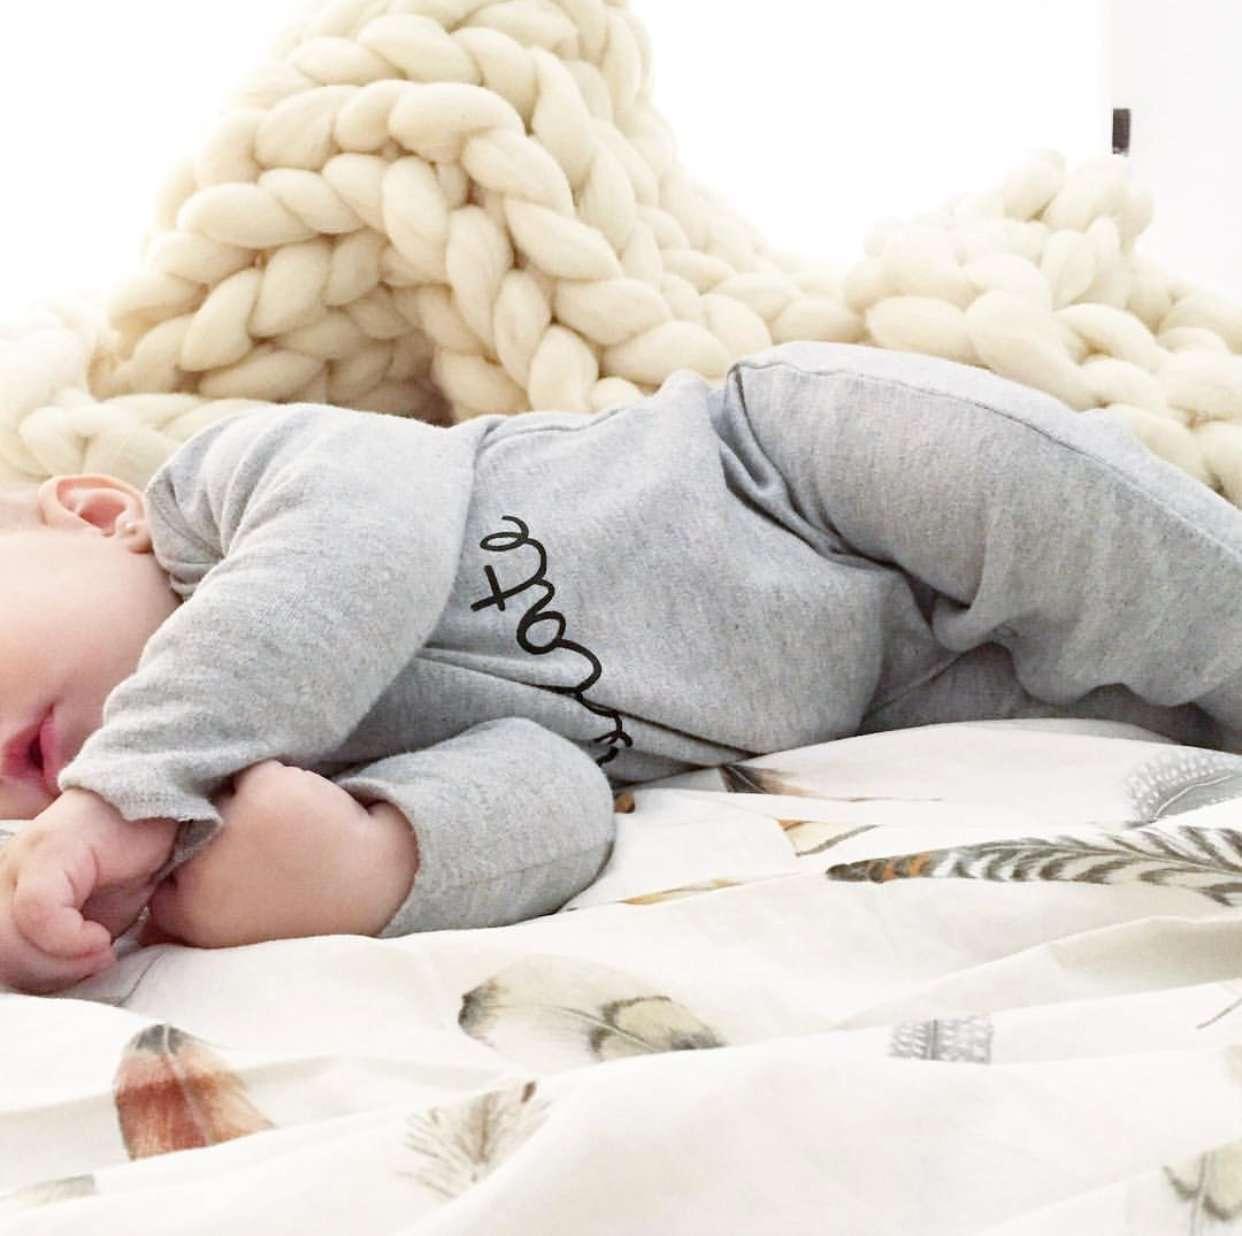 7 meses de edad se despierta por la noche para comer